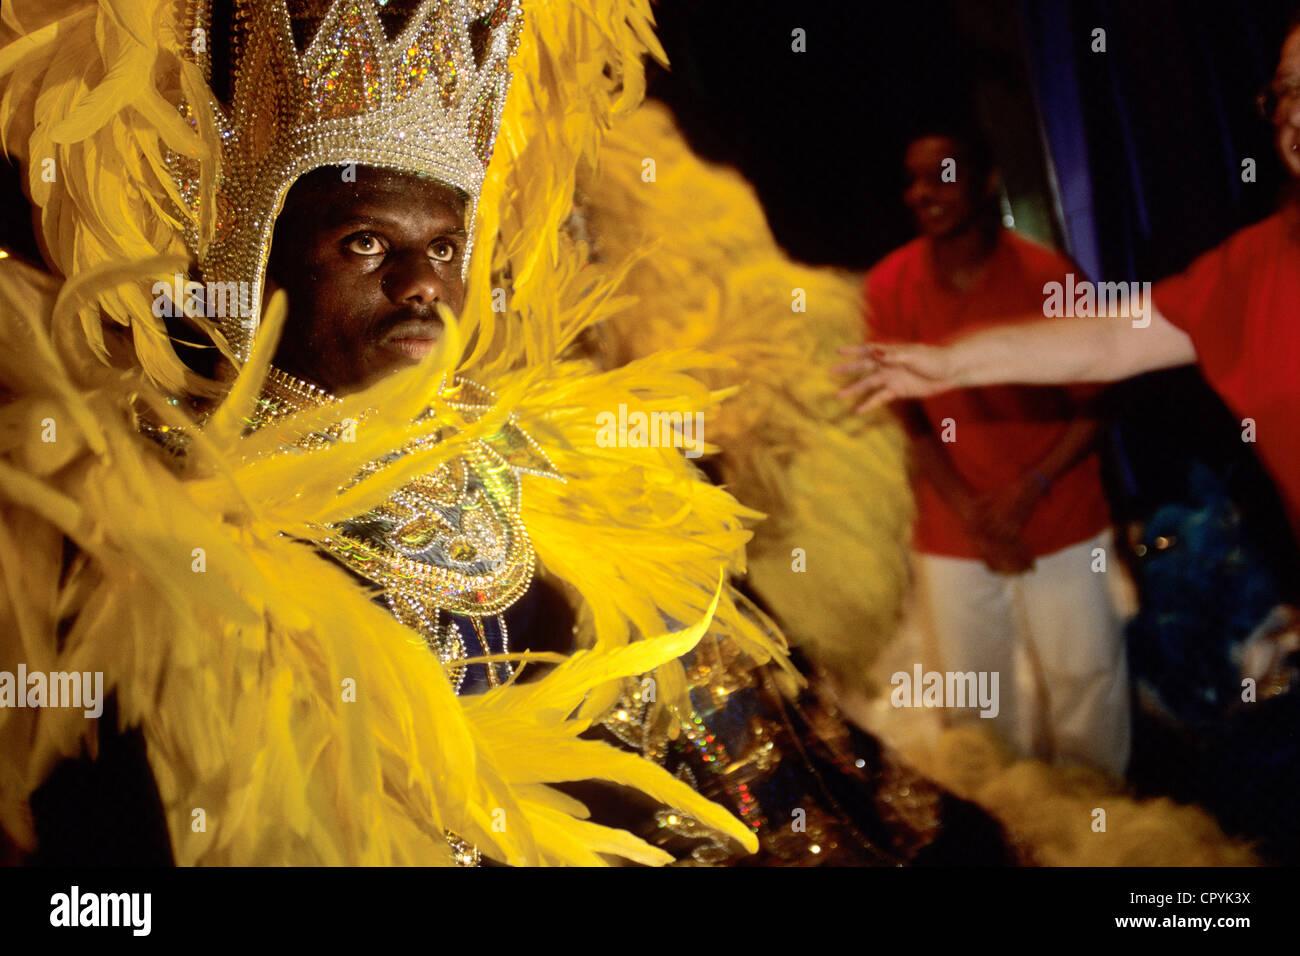 Brésil, Rio de Janeiro, la répétition d'une école de samba de la Porteña avant le carnaval Photo Stock